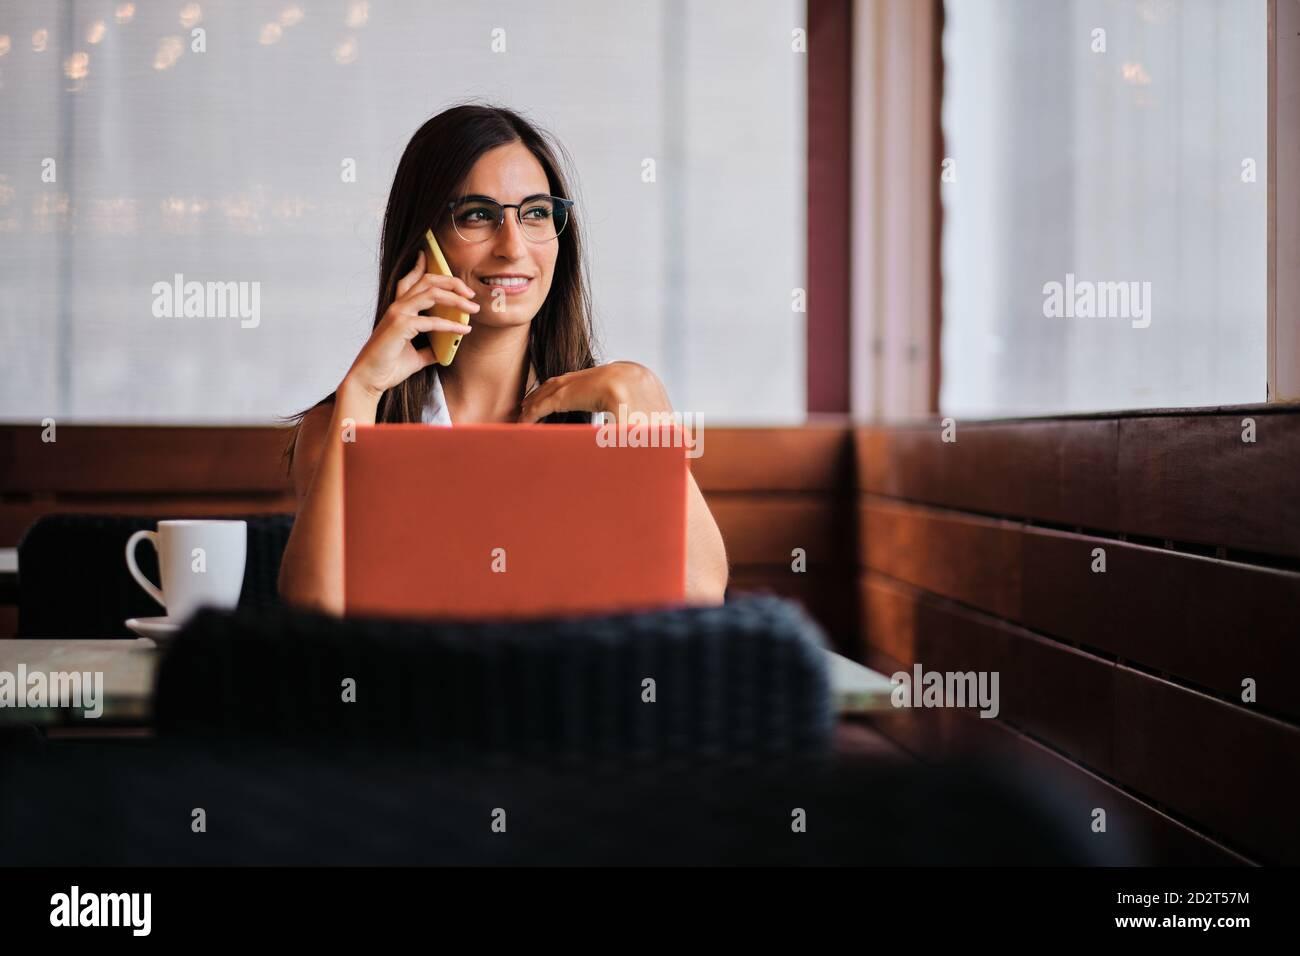 Una empresaria encantada trabajando remotamente en el café mientras discutía negocios problemas con el smartphone y sentarse en la mesa con el ordenador portátil Foto de stock